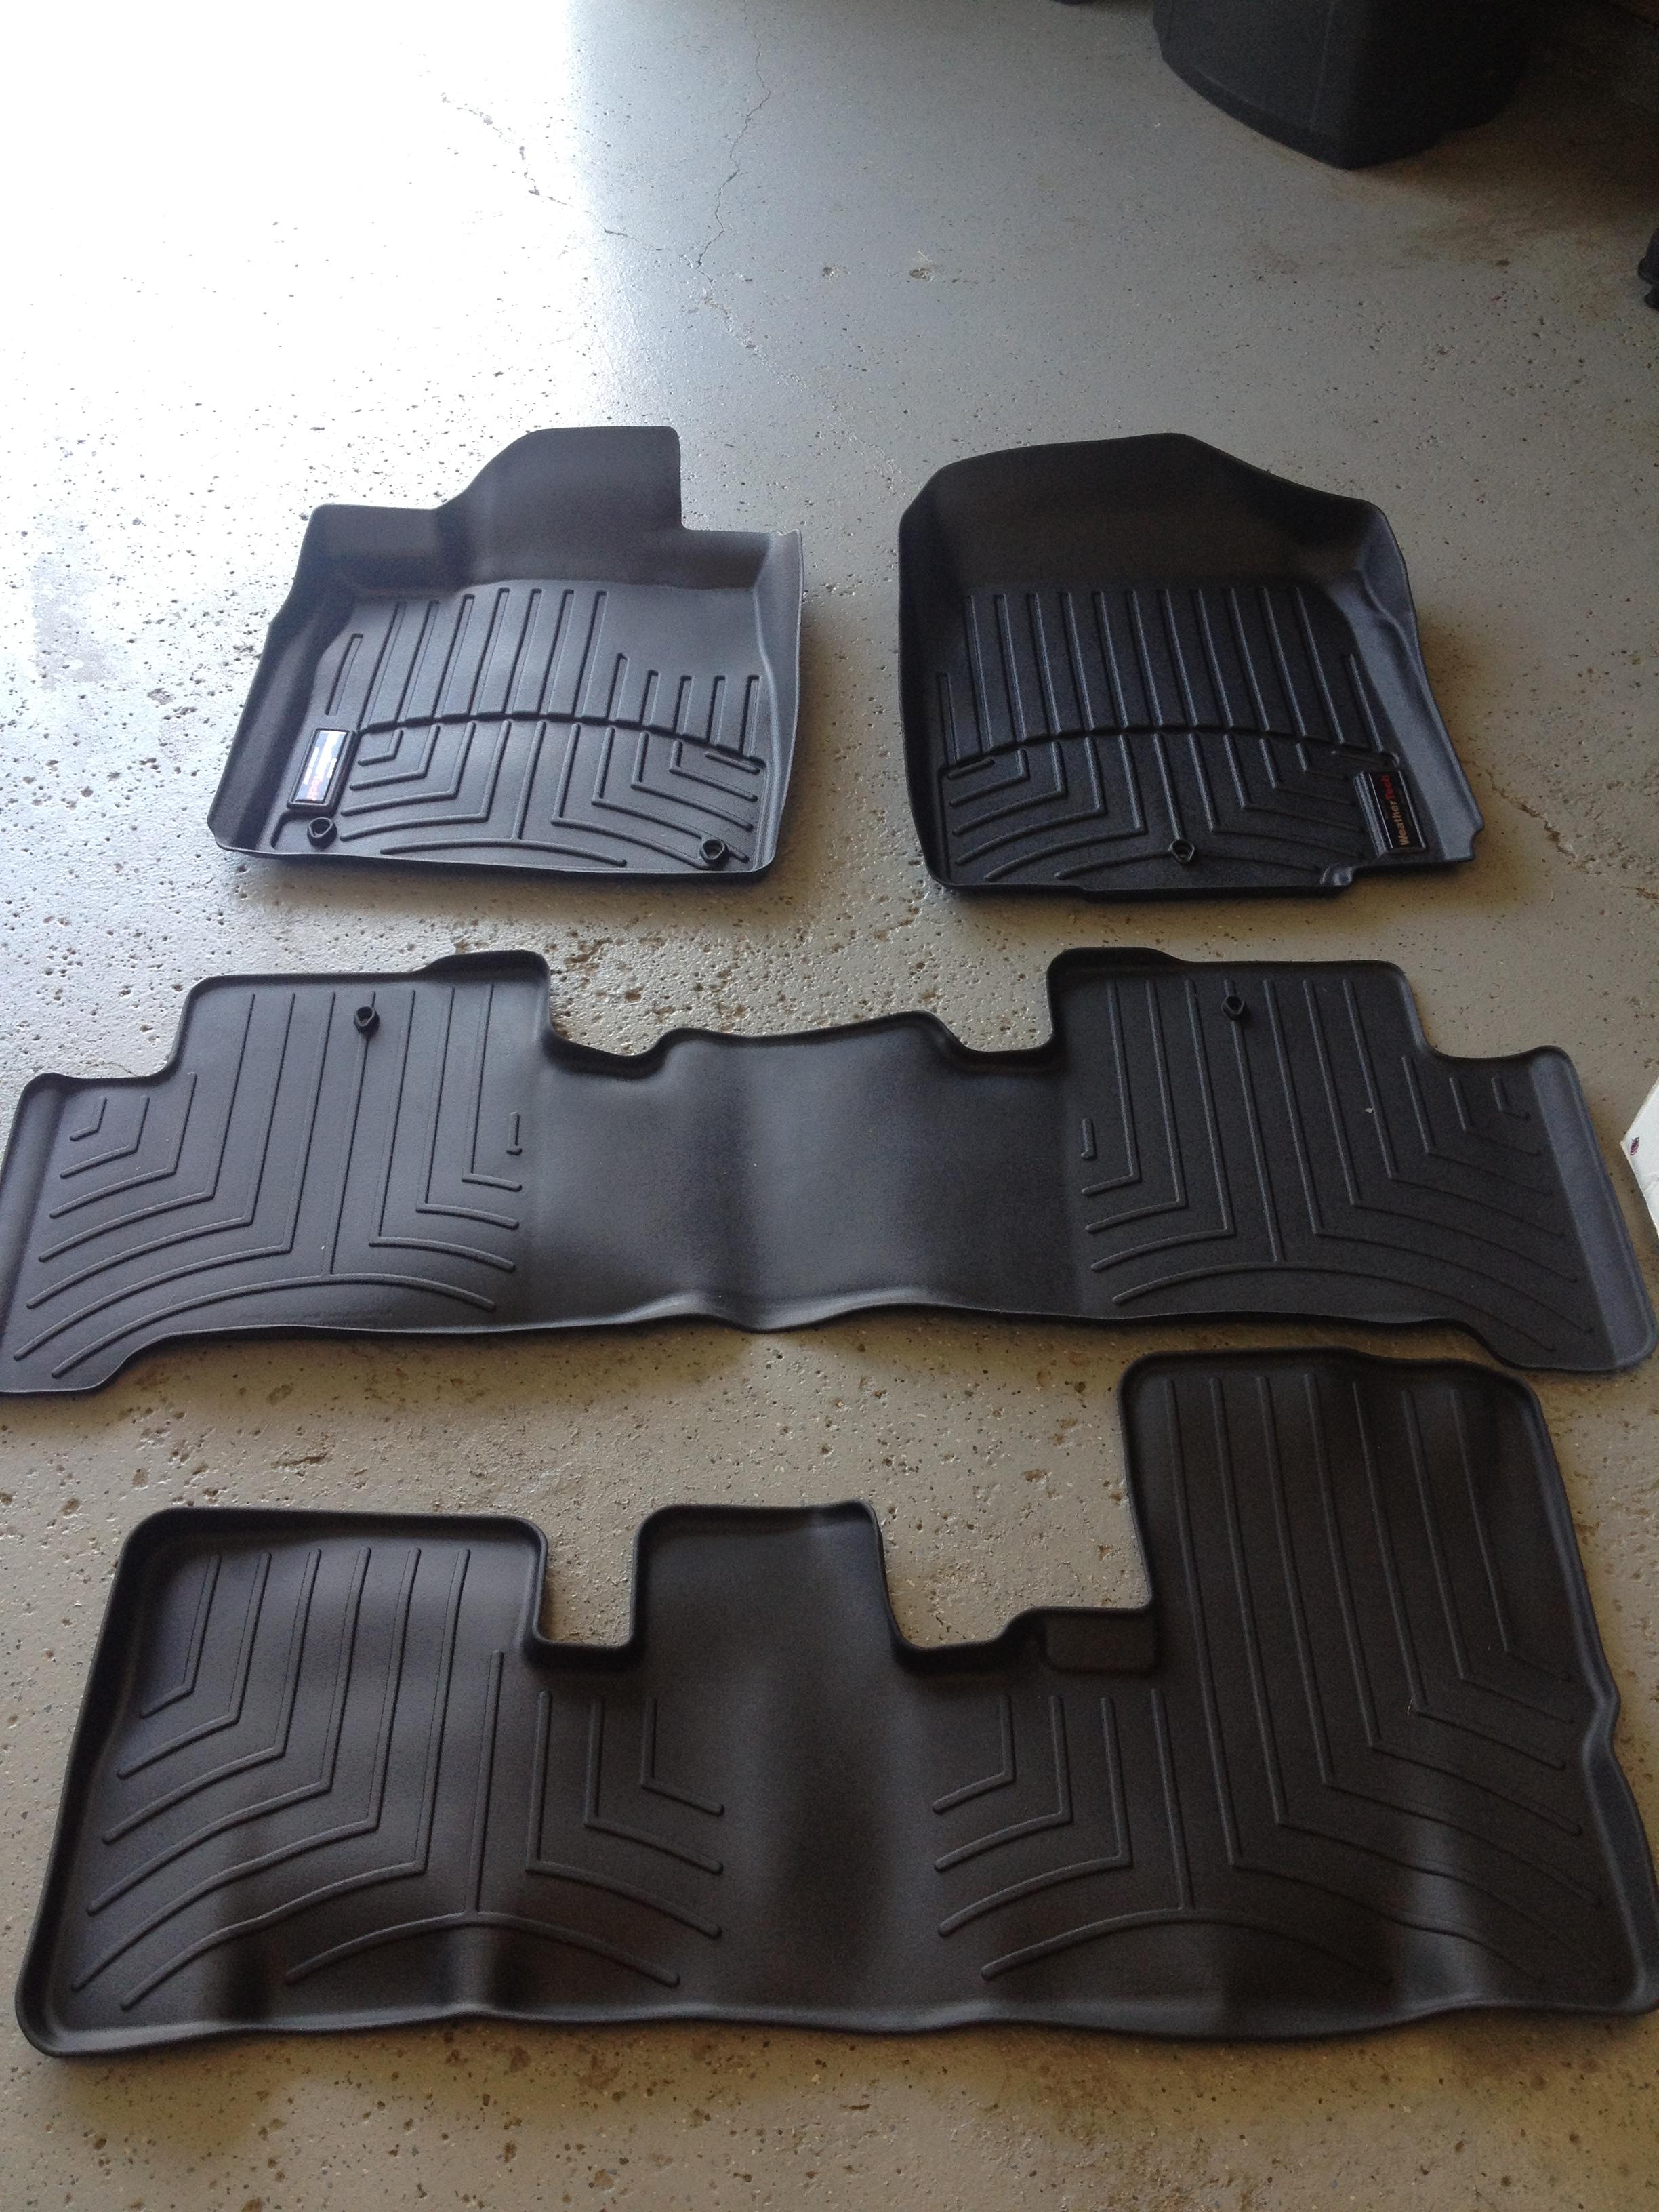 NEW WeatherTech Digital Fit Floor Mats Acura MDX Acura MDX Forum - Acura mdx floor mats